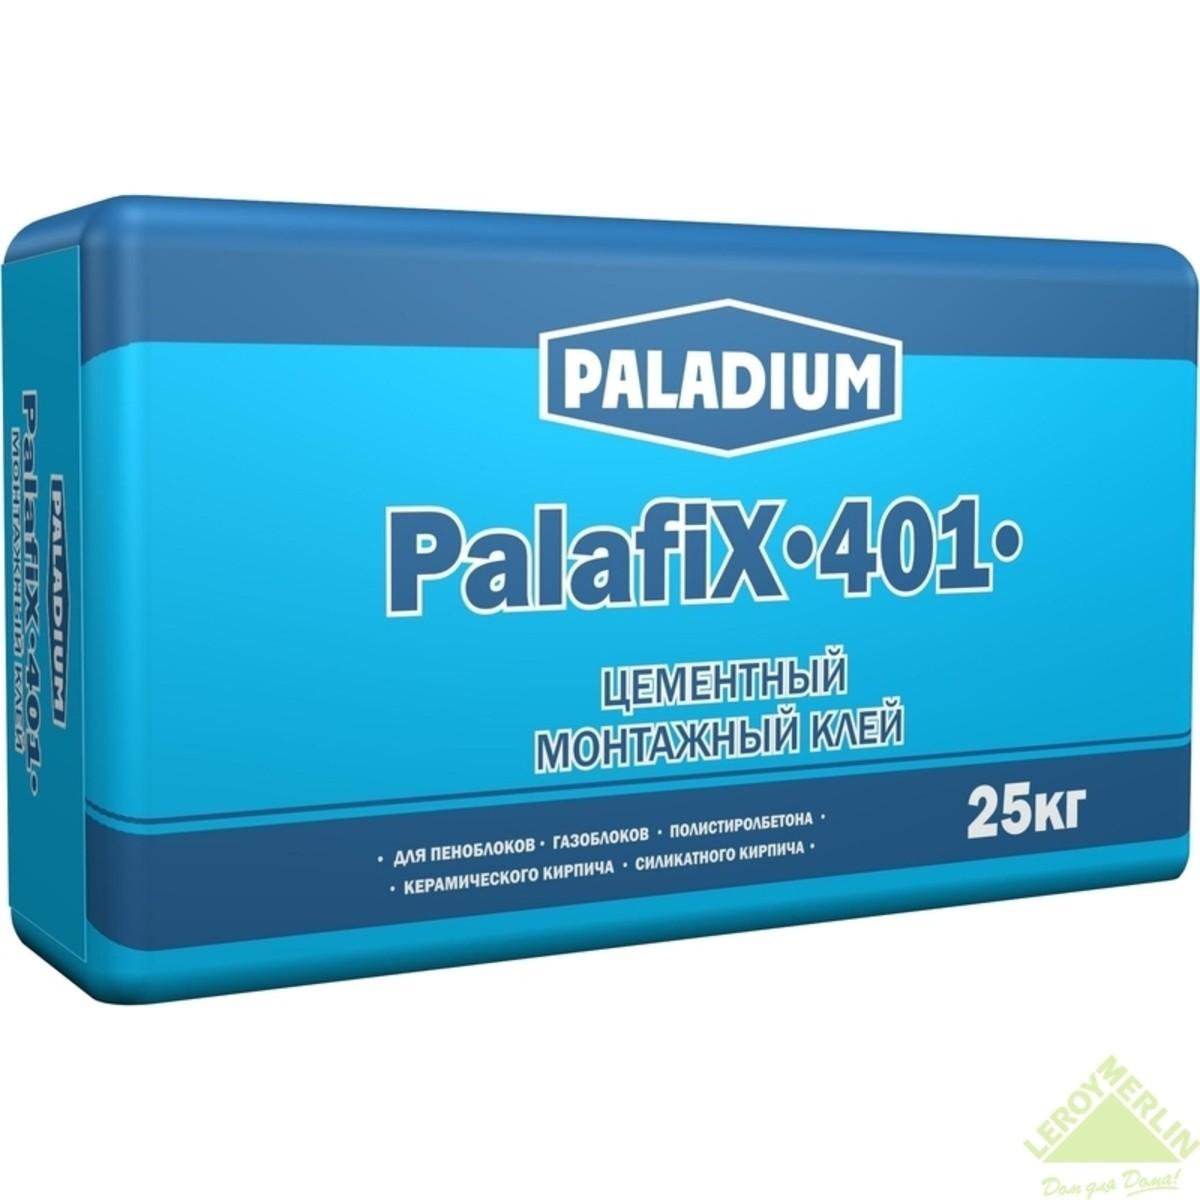 Клей монтажный для блоков Palafix-401 25 кг